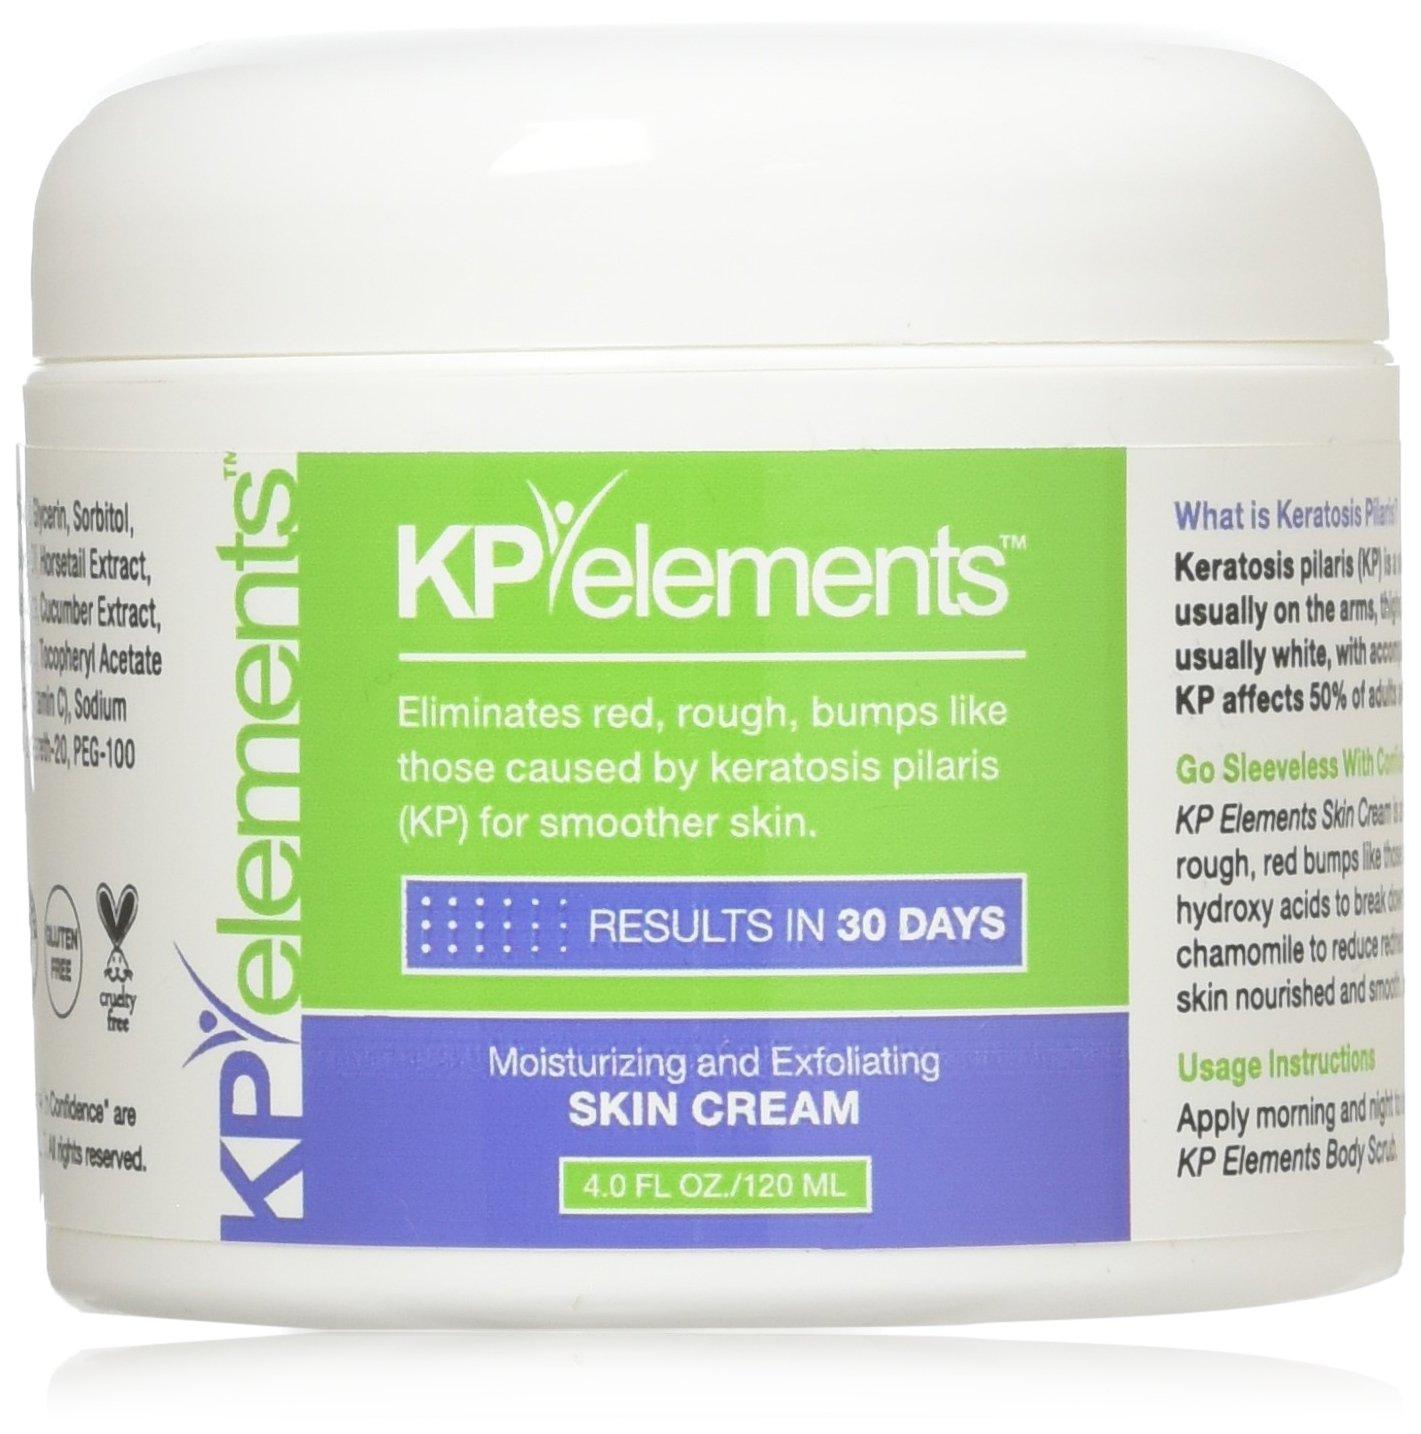 KP Elements Keratosis Pilaris Exfoliating Skin Cream Treatment, 4 fl oz. - All-Natural, Soothing, Healing Ingredients